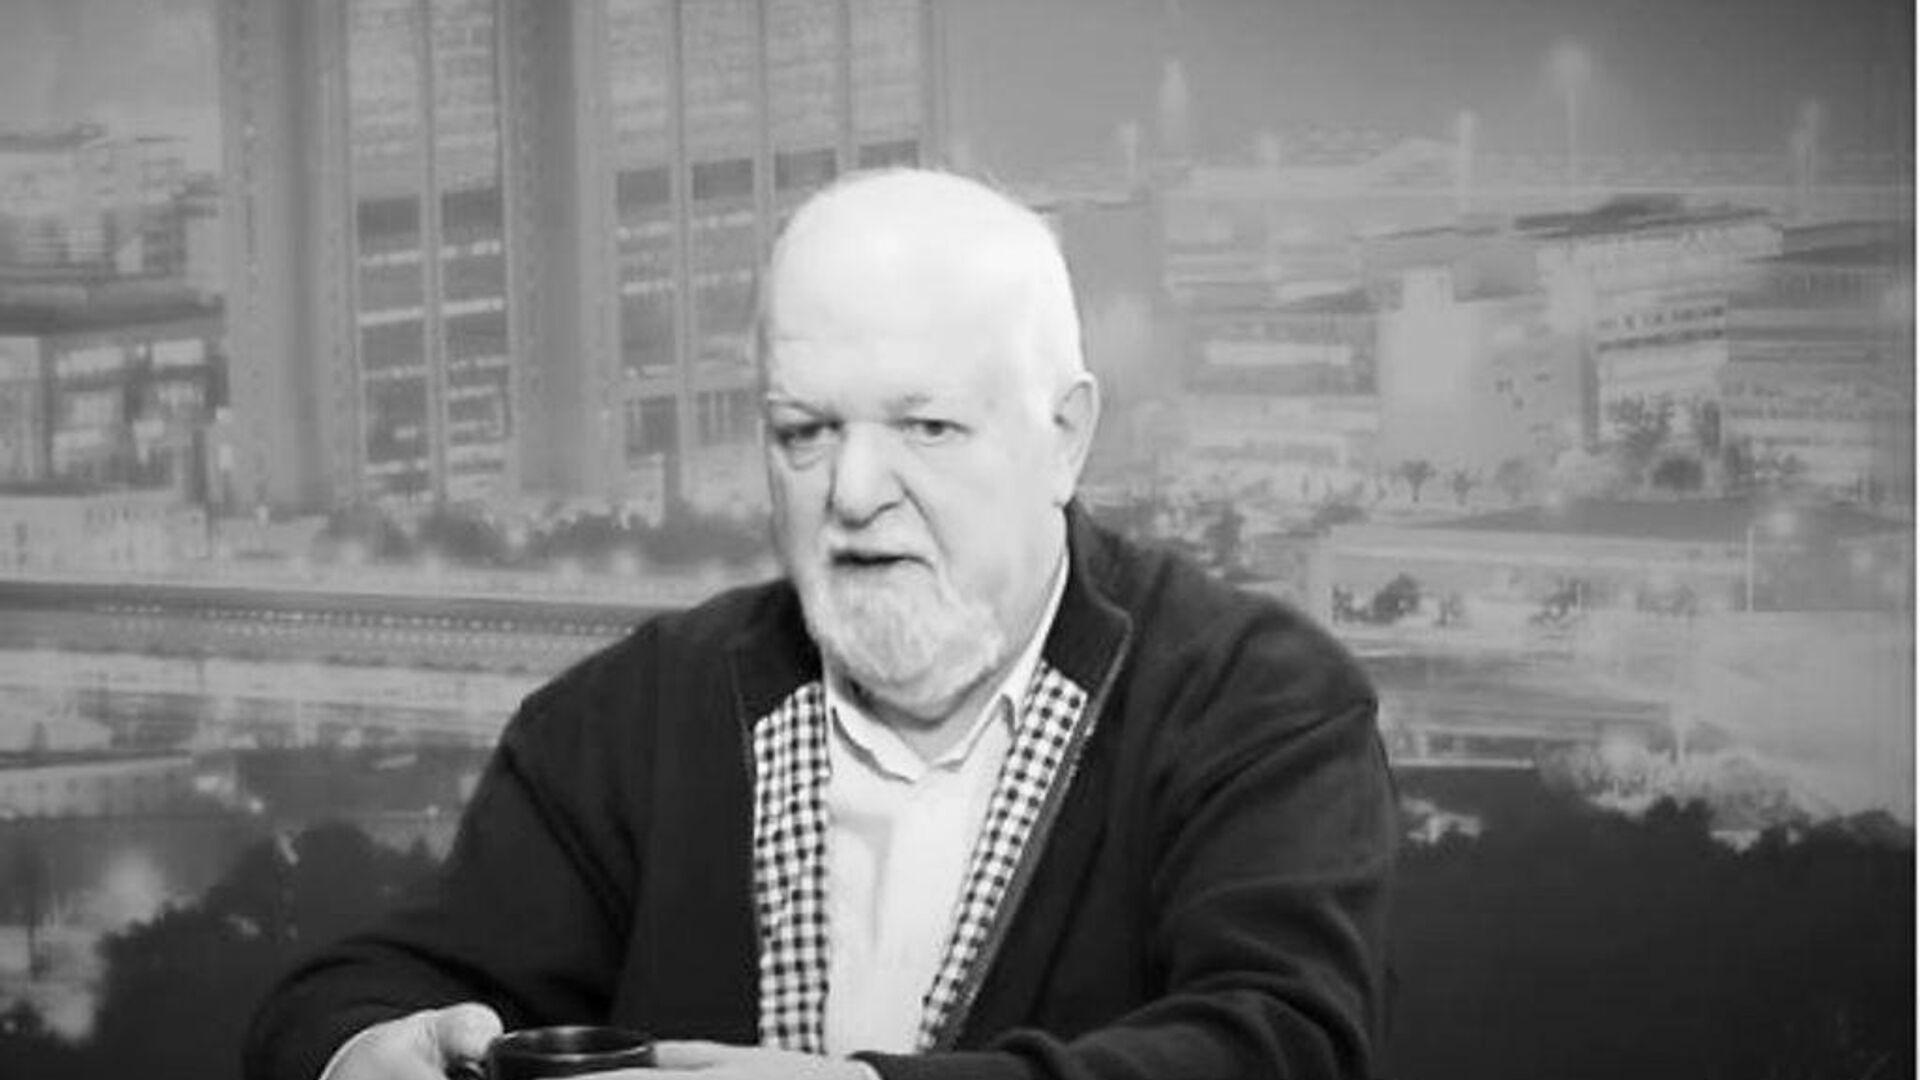 Политички аналитичар и бивши саветник Слободана Милошевића Звонимир Трајковић - Sputnik Србија, 1920, 14.10.2021